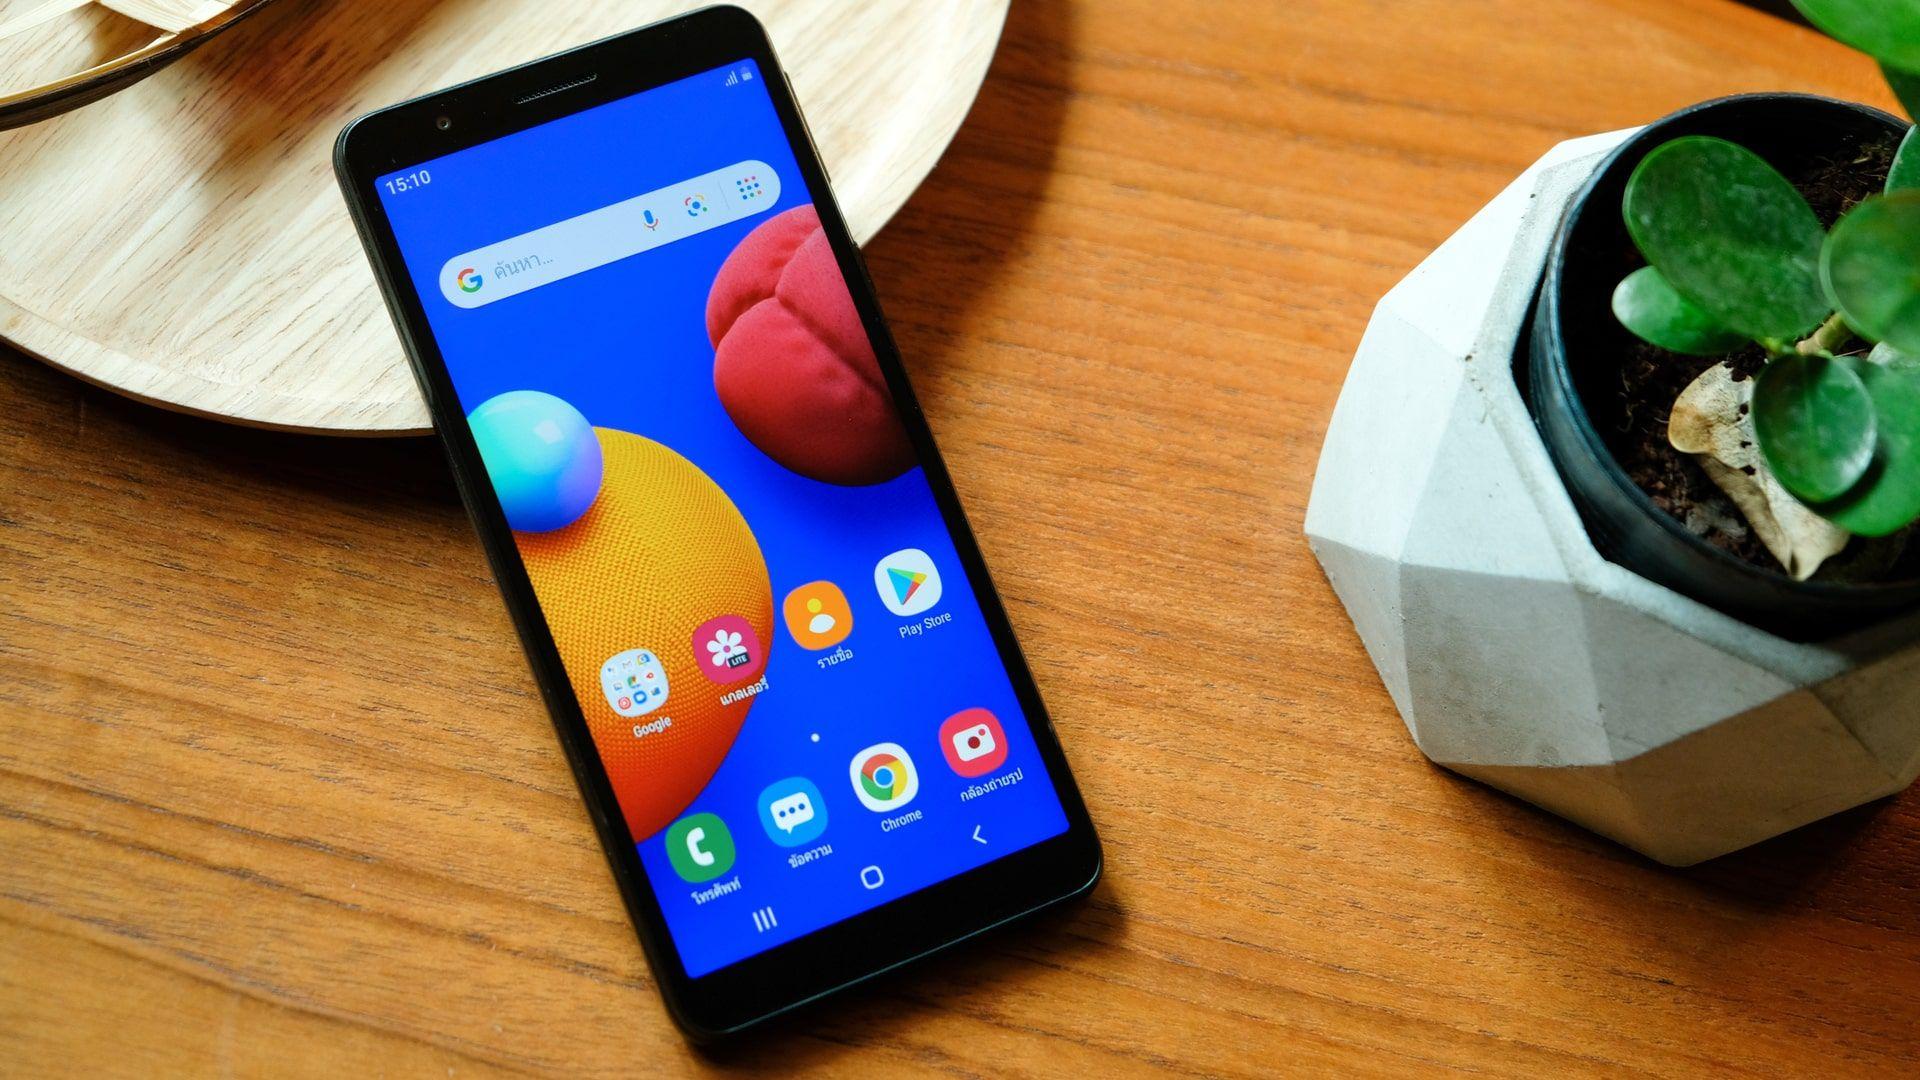 Celular até 800 reais: Galaxy A01 é um dos modelos para comprar no Brasil (Foto: Shutterstock)